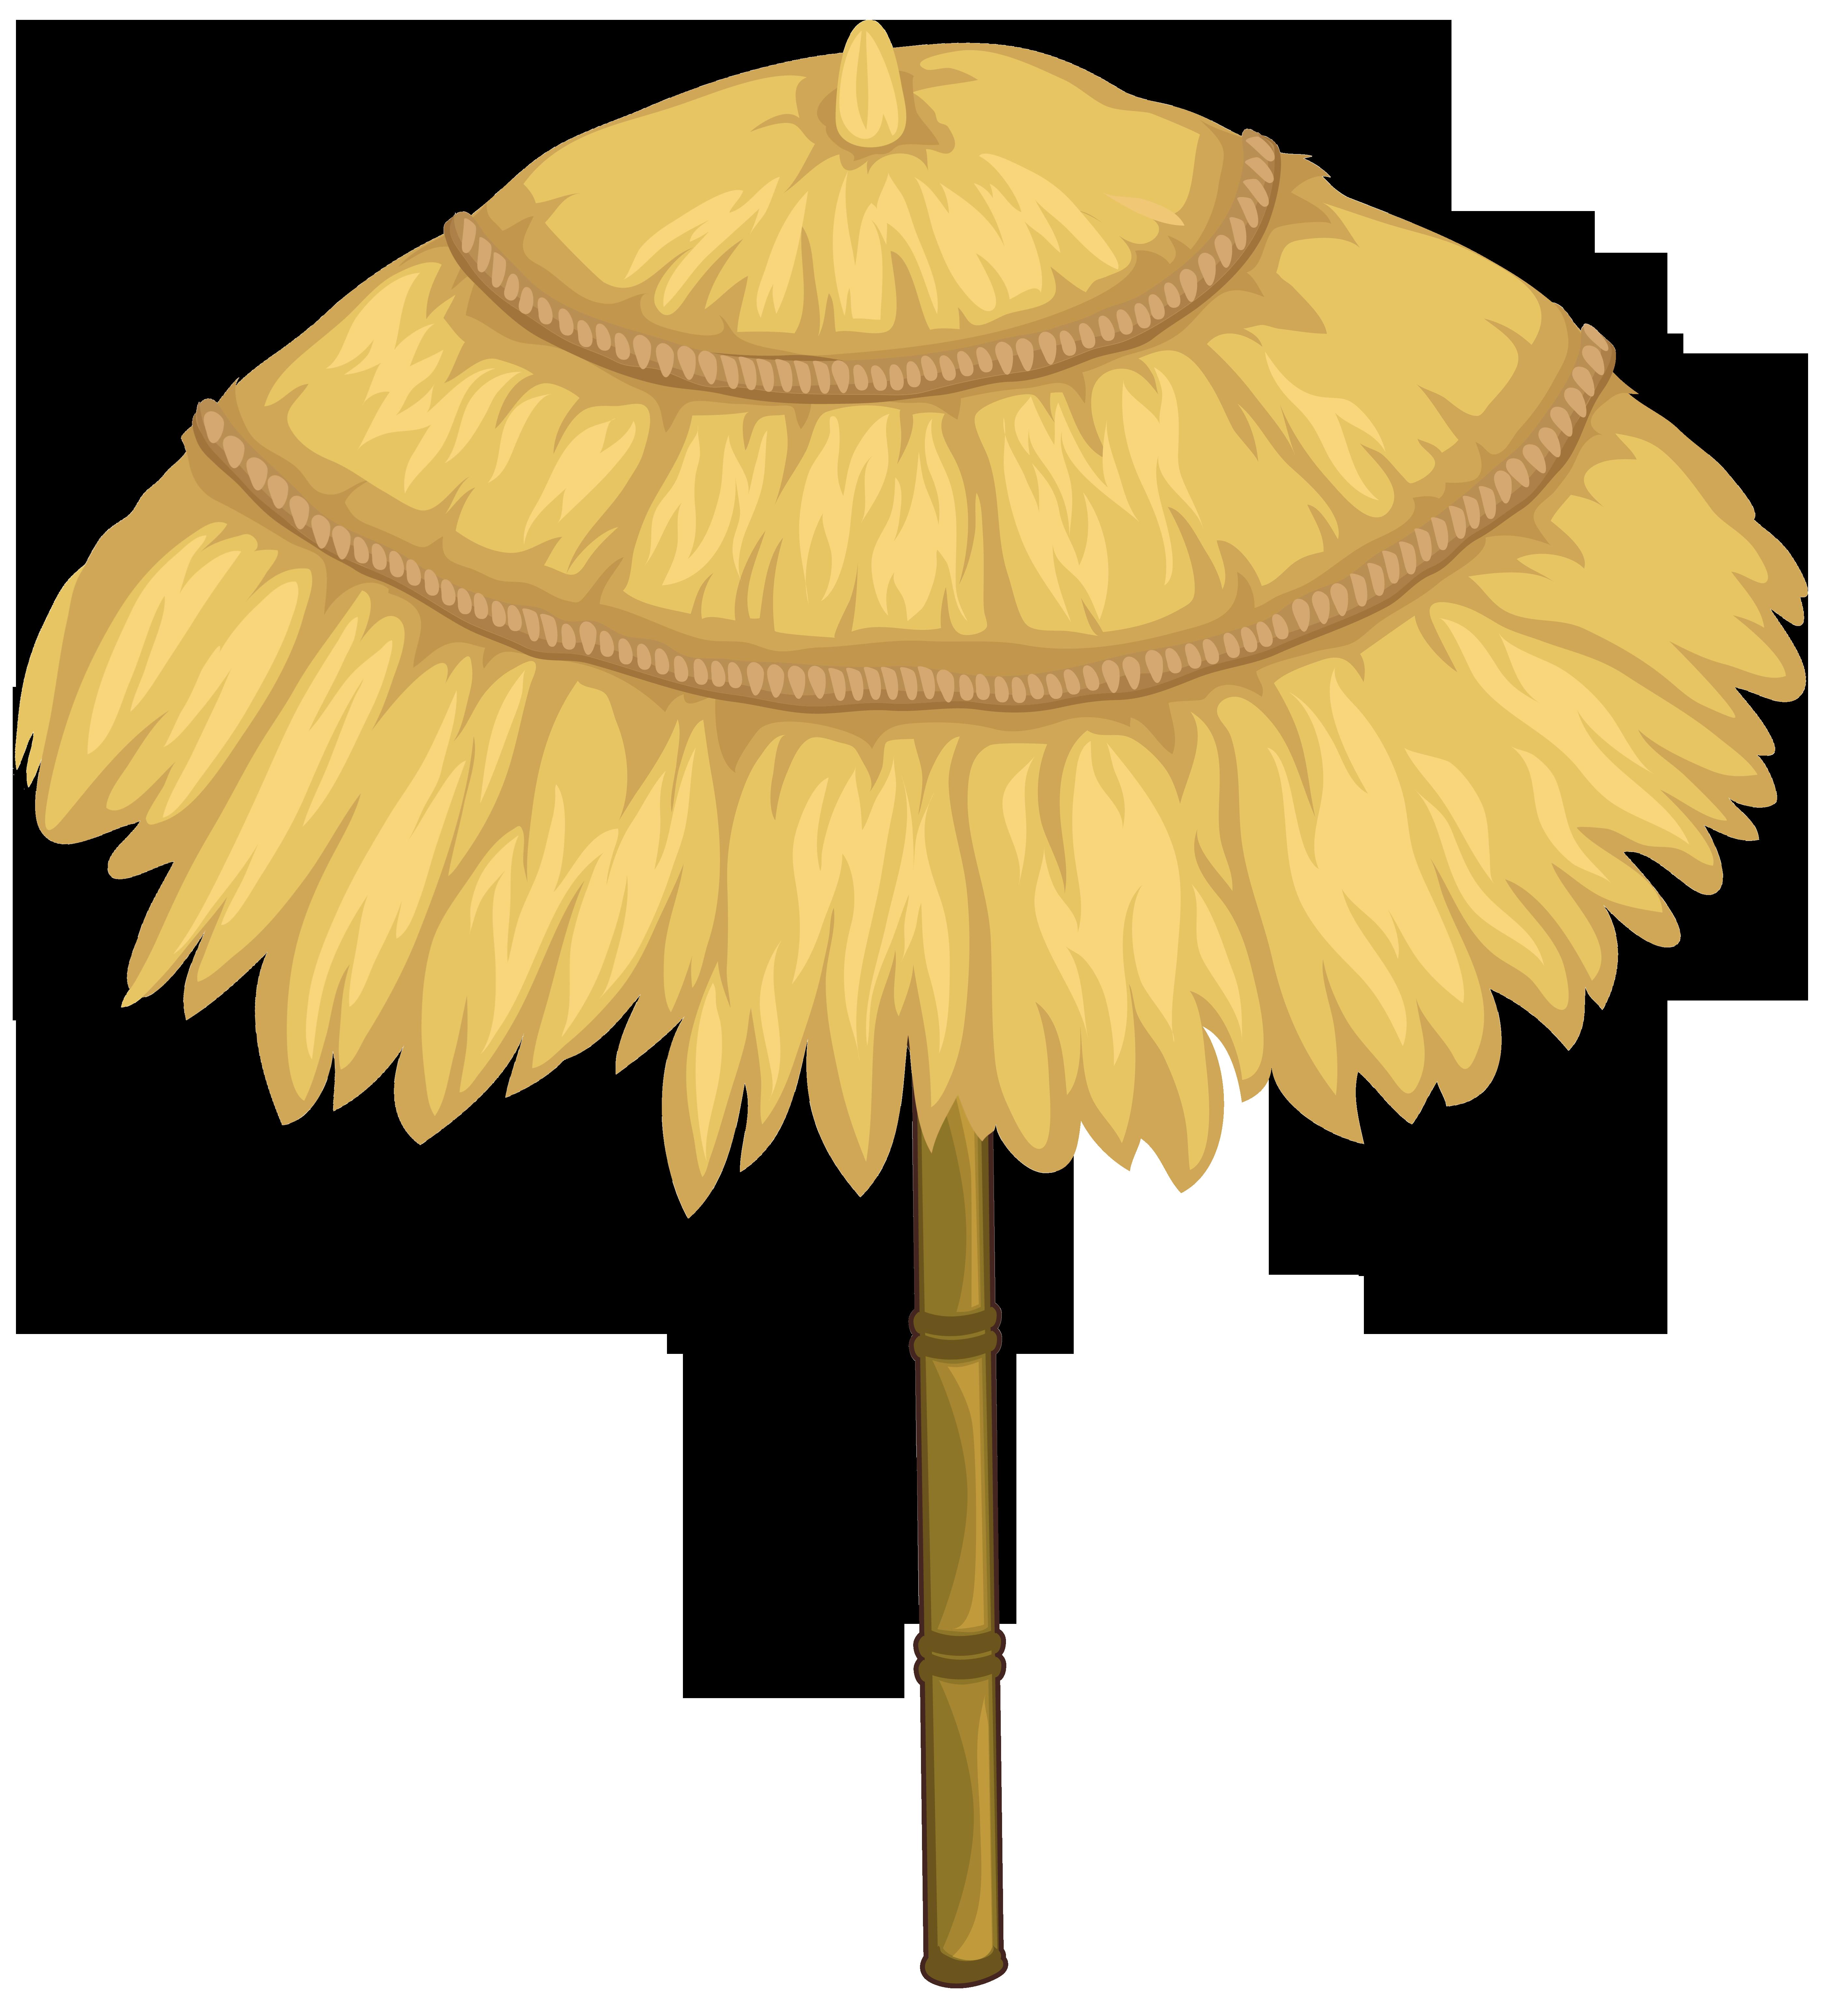 Thatching umbrella roof palapa. Tiki clipart tiki bar